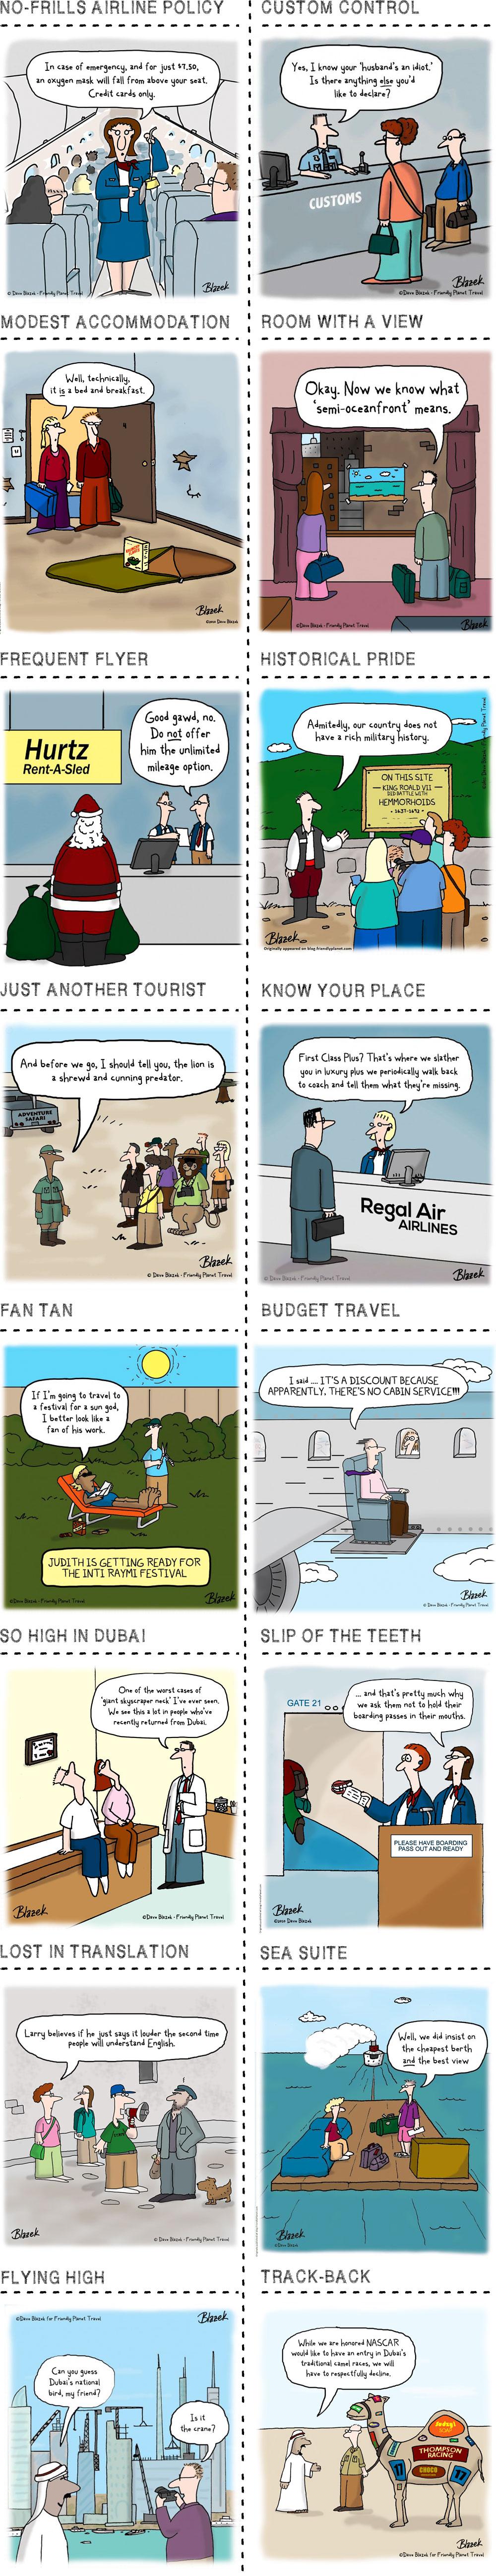 Travel-Humor-By-Dave-Blazek